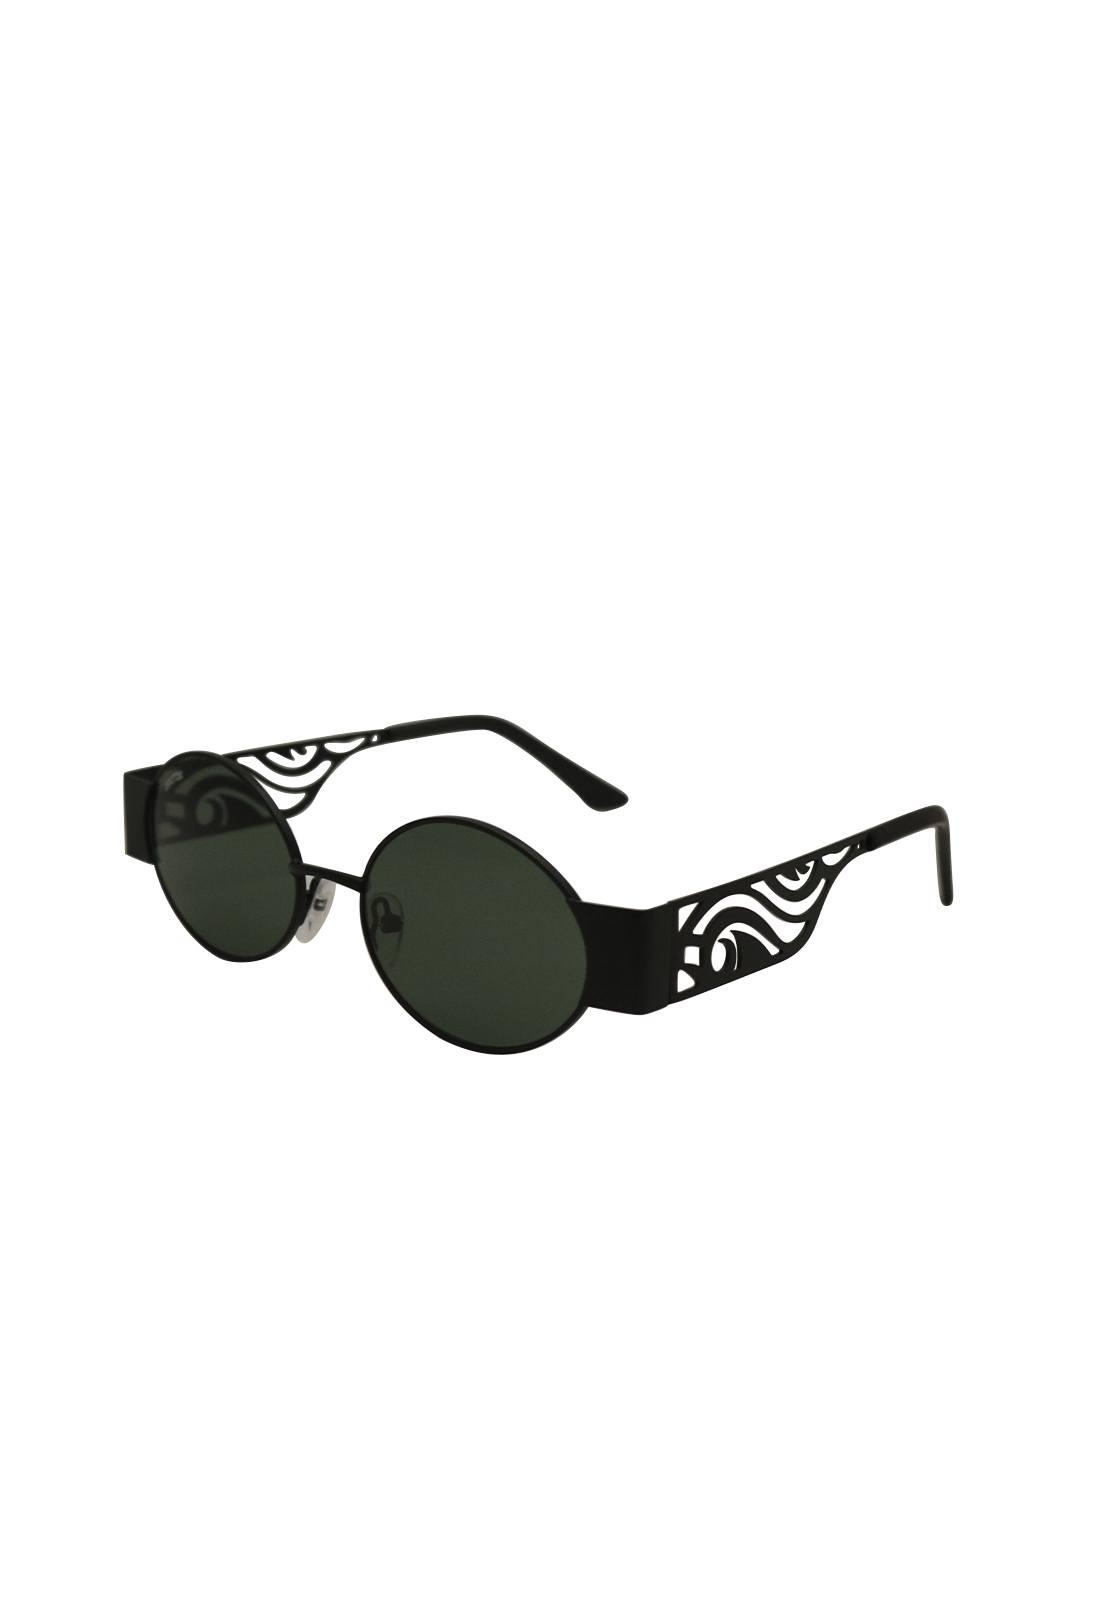 Óculos de Sol Grungetteria Wave